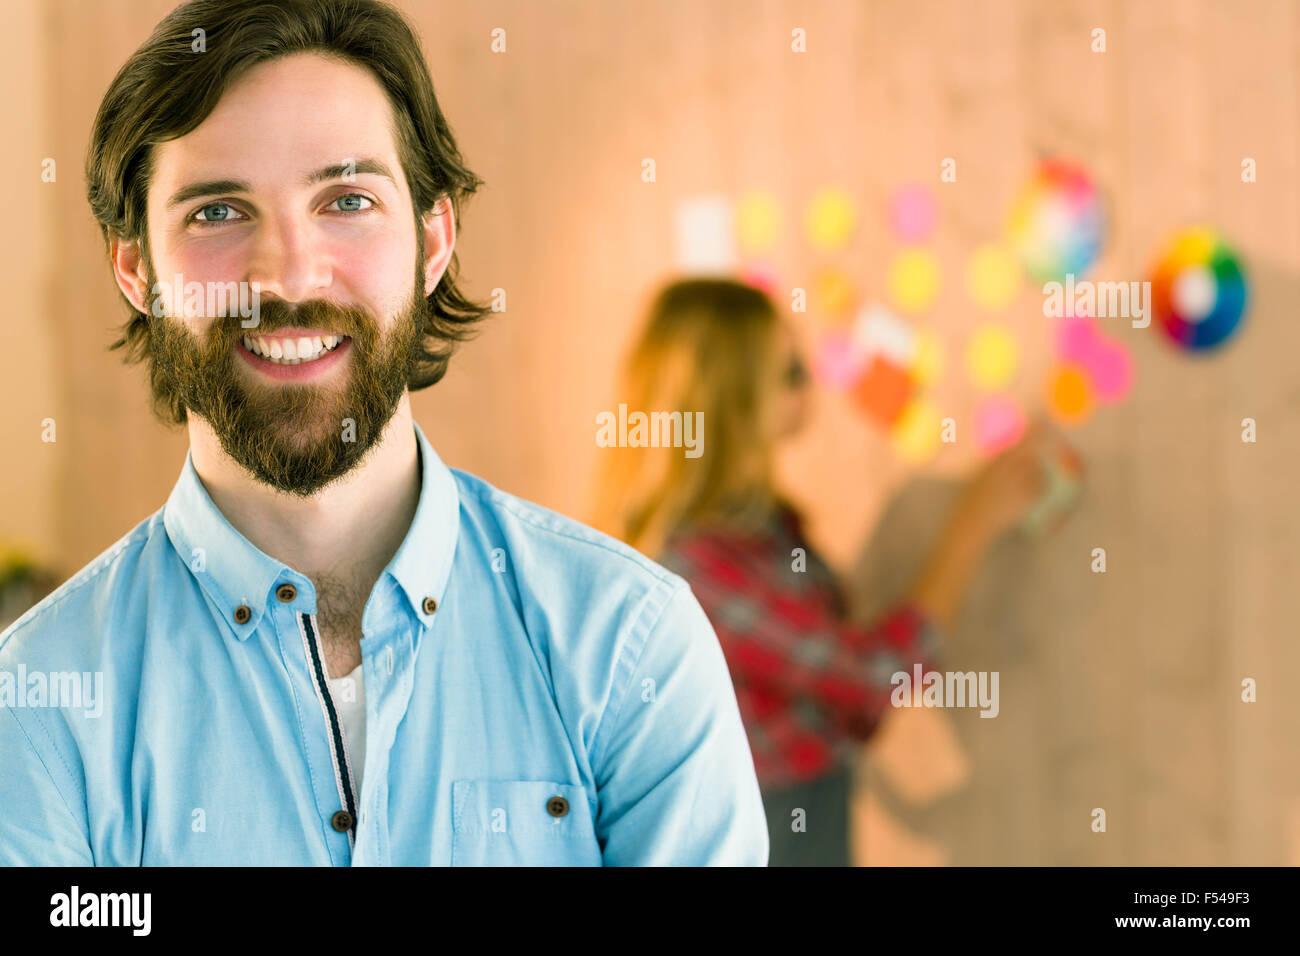 Creative man smiling at camera Stock Photo